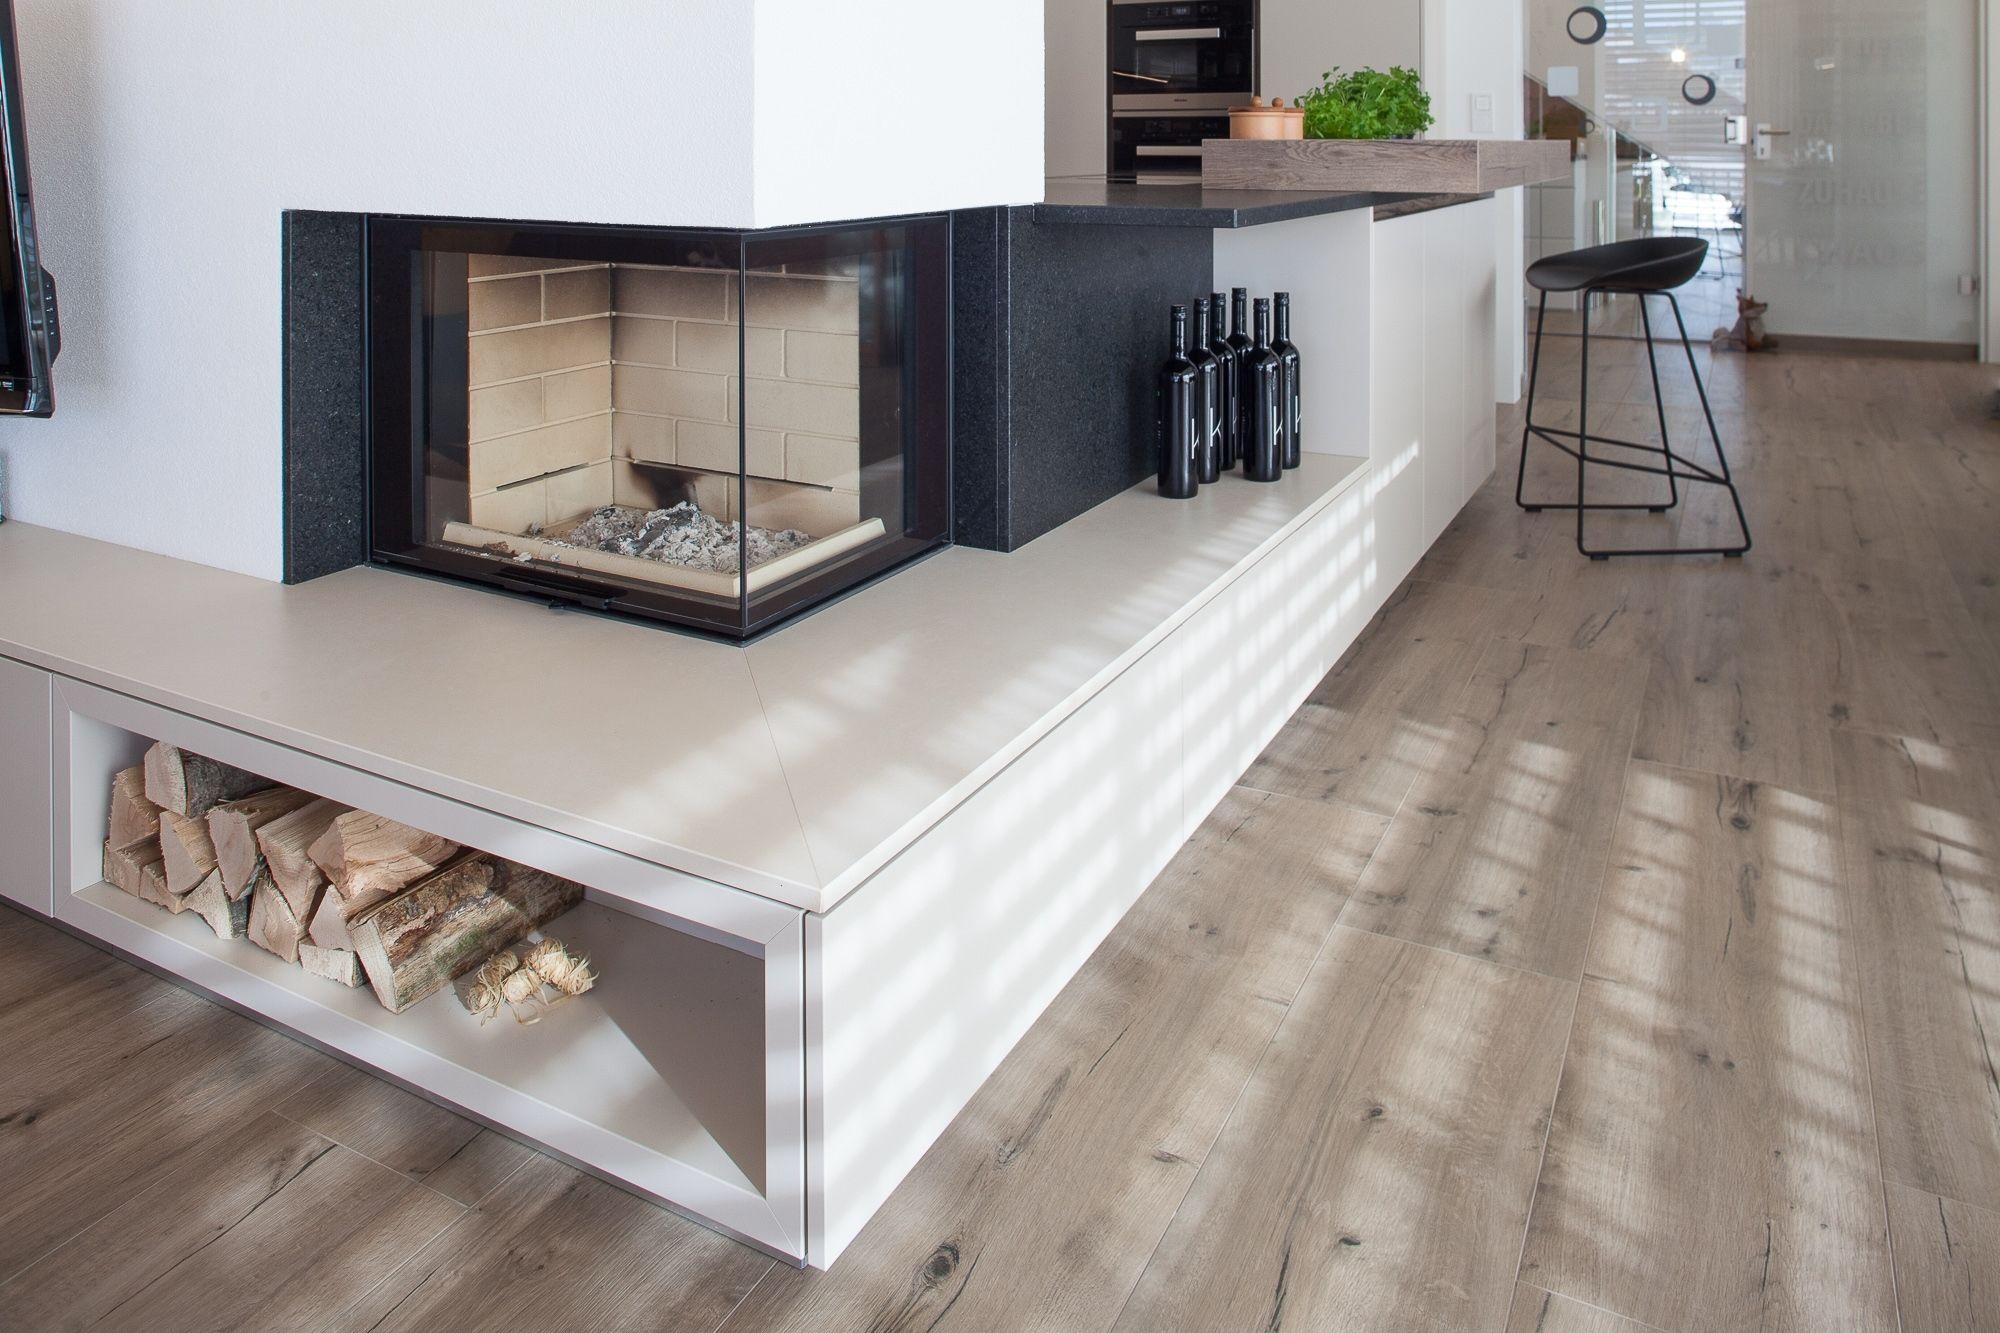 krumhuber.design › Küche FFC   Küche FFC   Pinterest